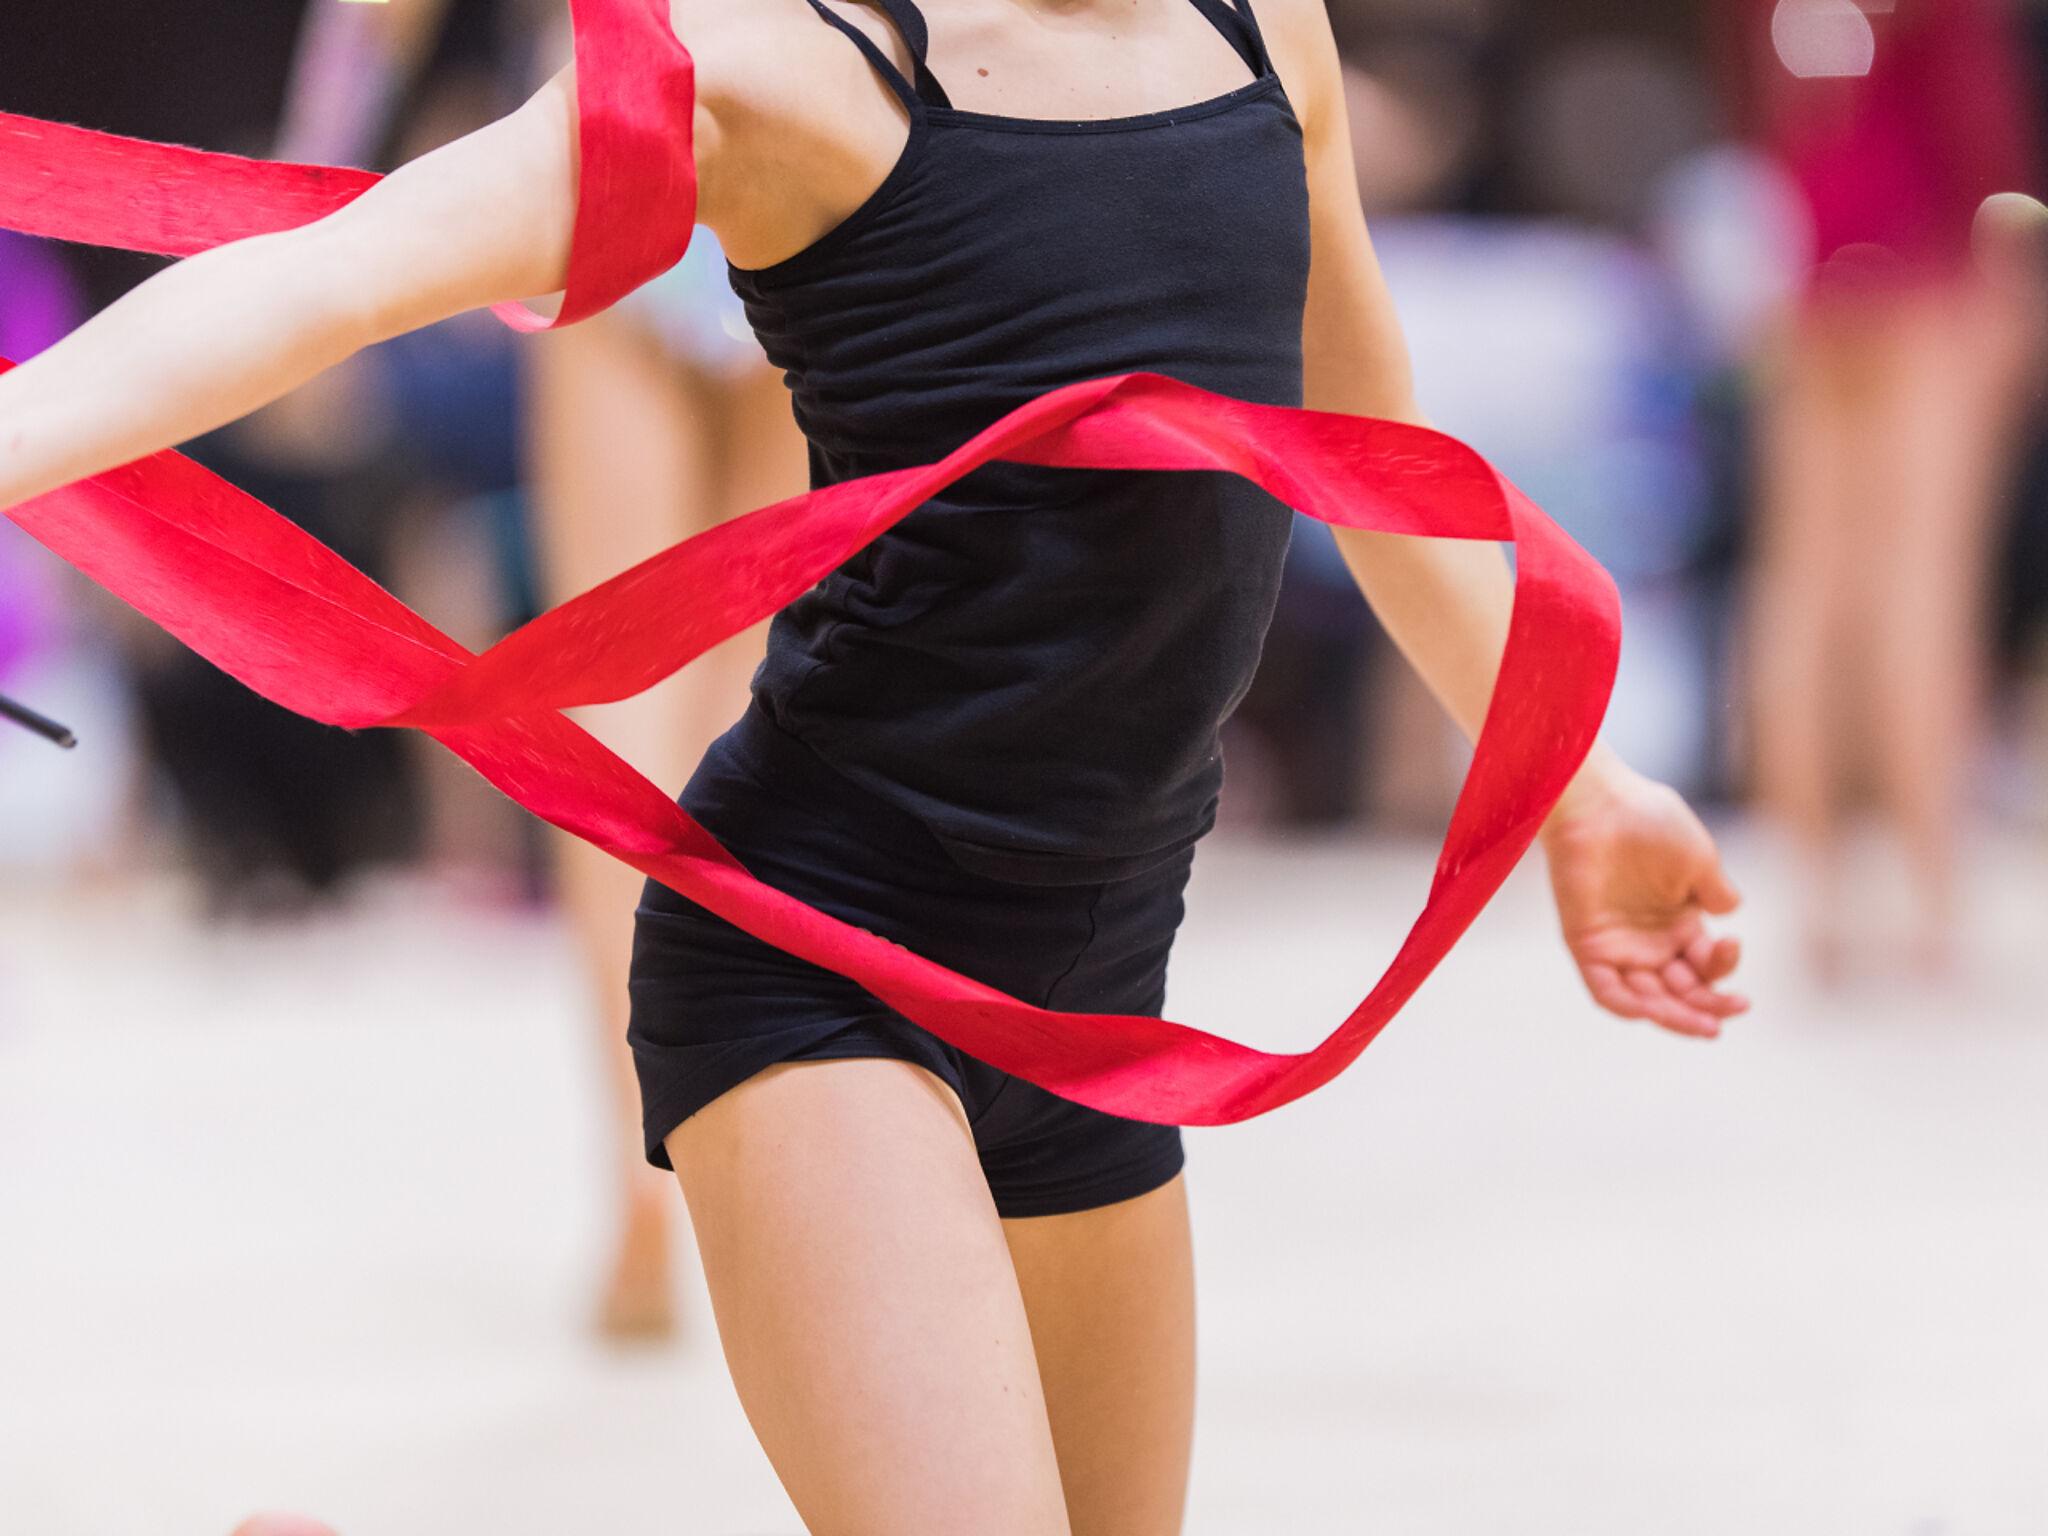 新体操を踊る女の子の画像